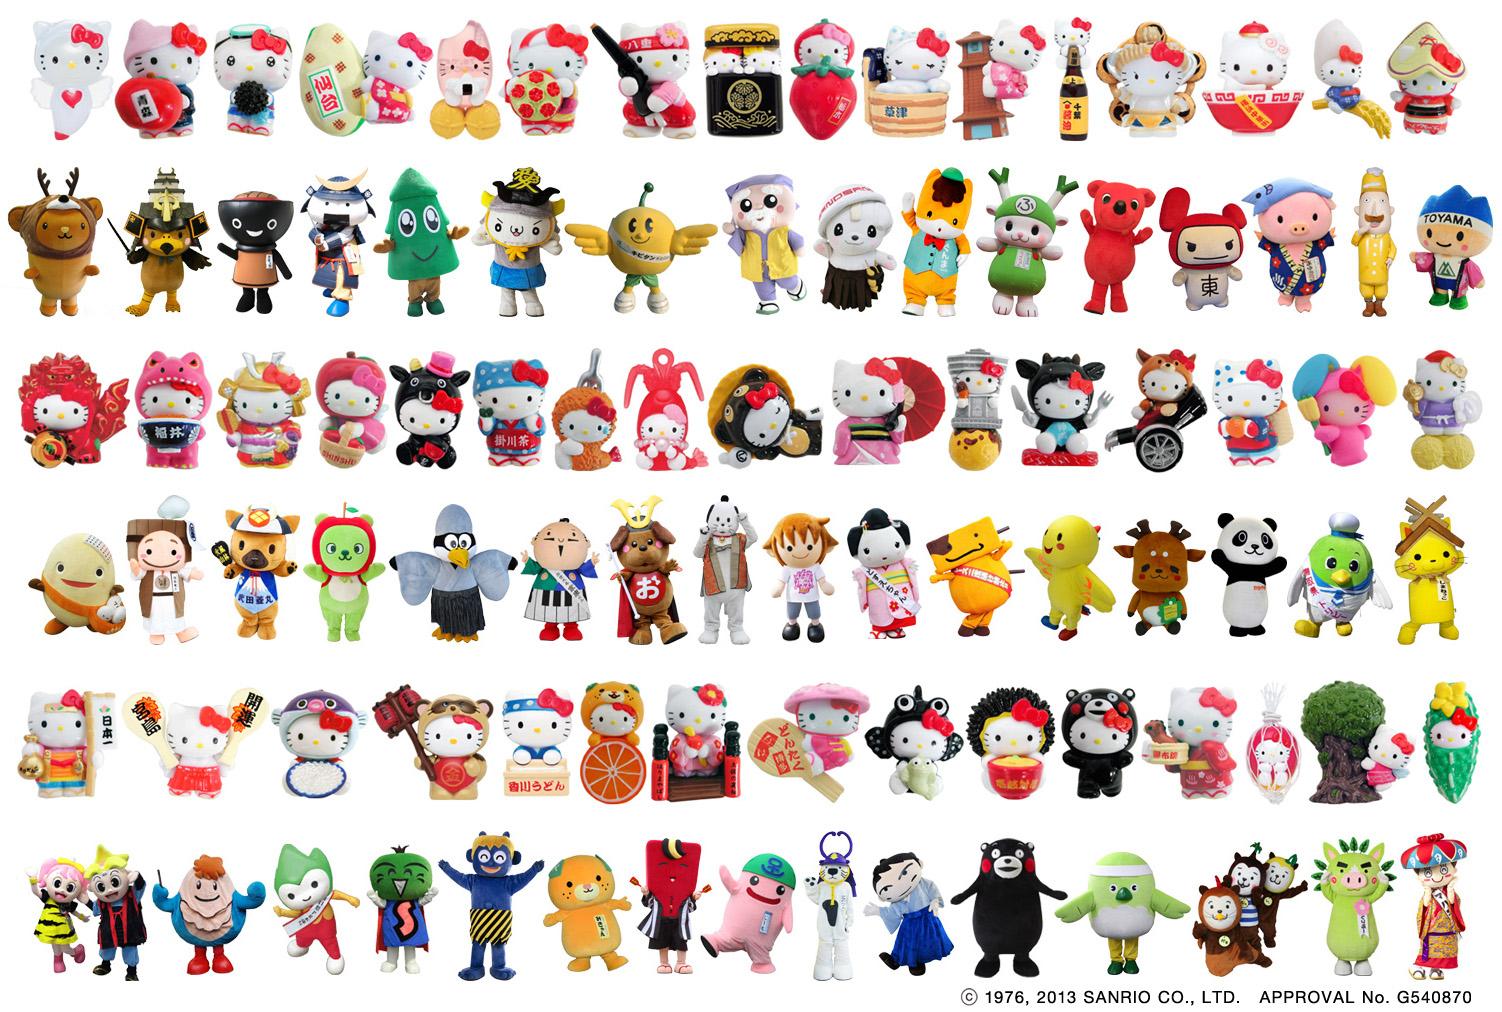 世界初!ご当地キティちゃんグッズ 47都道府県コンプリートセットをプレゼント!日本旅行 夏旅キャンペーン「お国巡りリレー」を実施